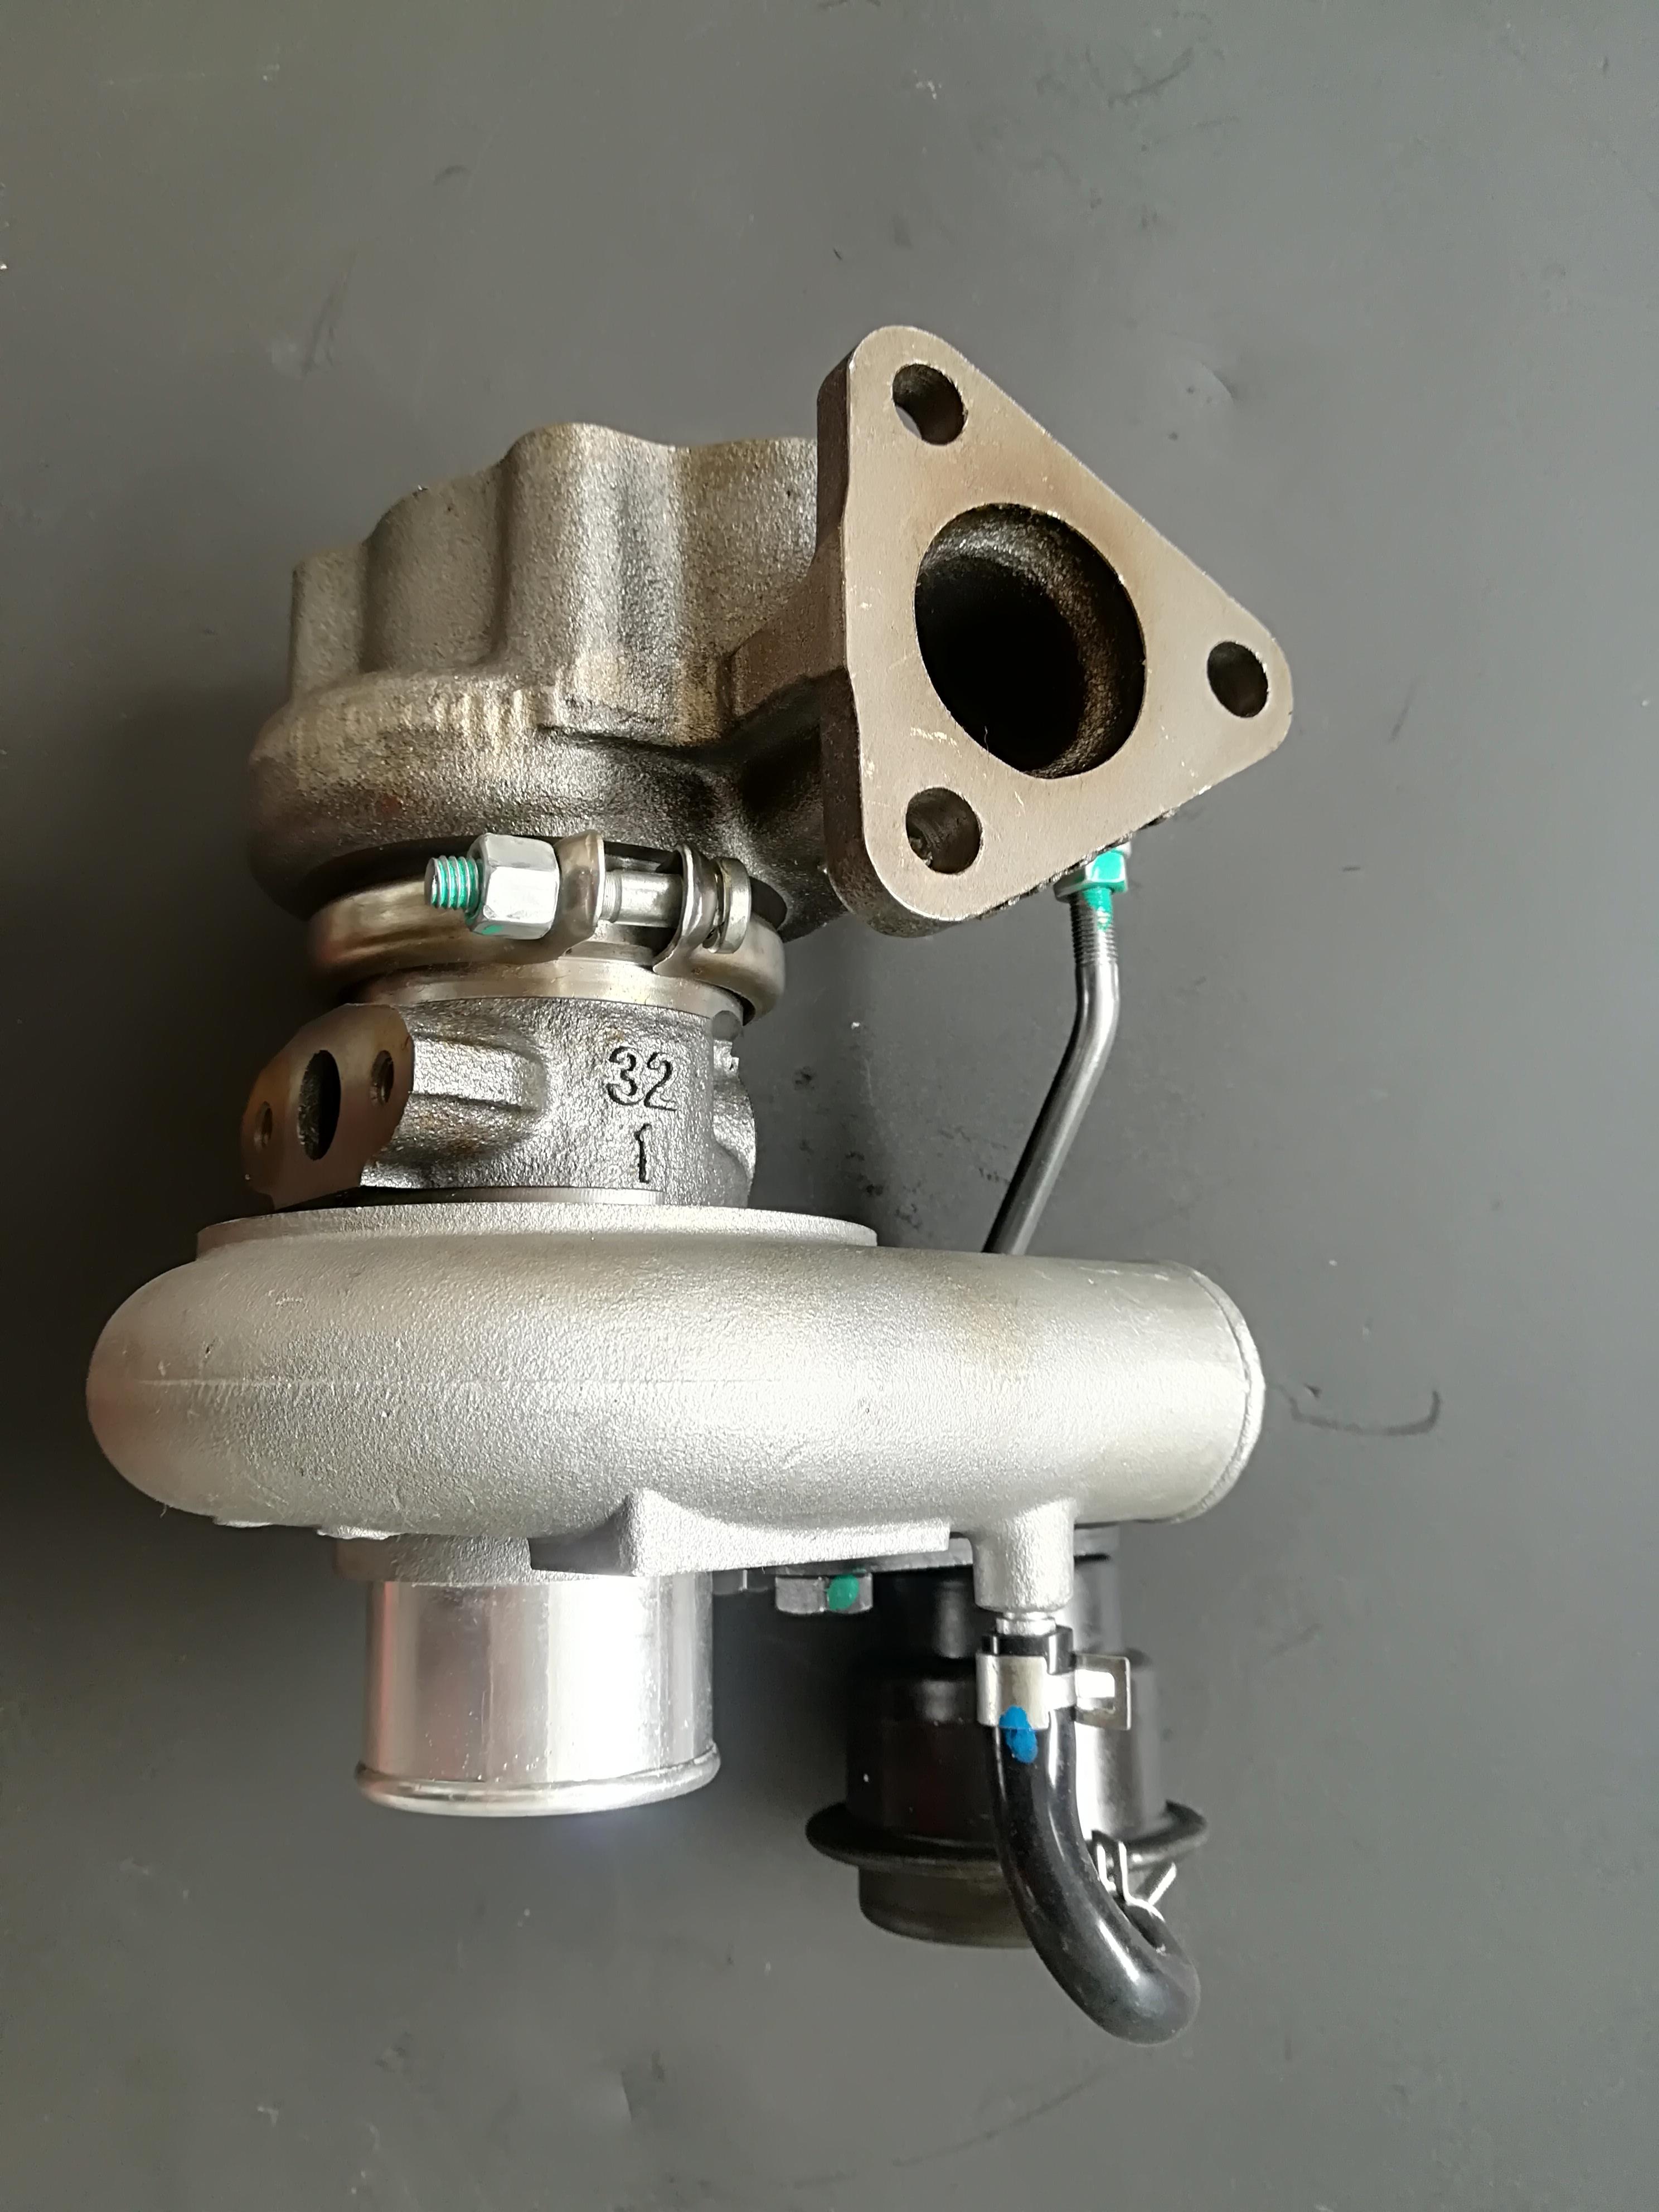 TD025M Mitsubishi Turbo for Hyundai Matrix / Accent 1.5 CRDI 49173-02610 28231-27500